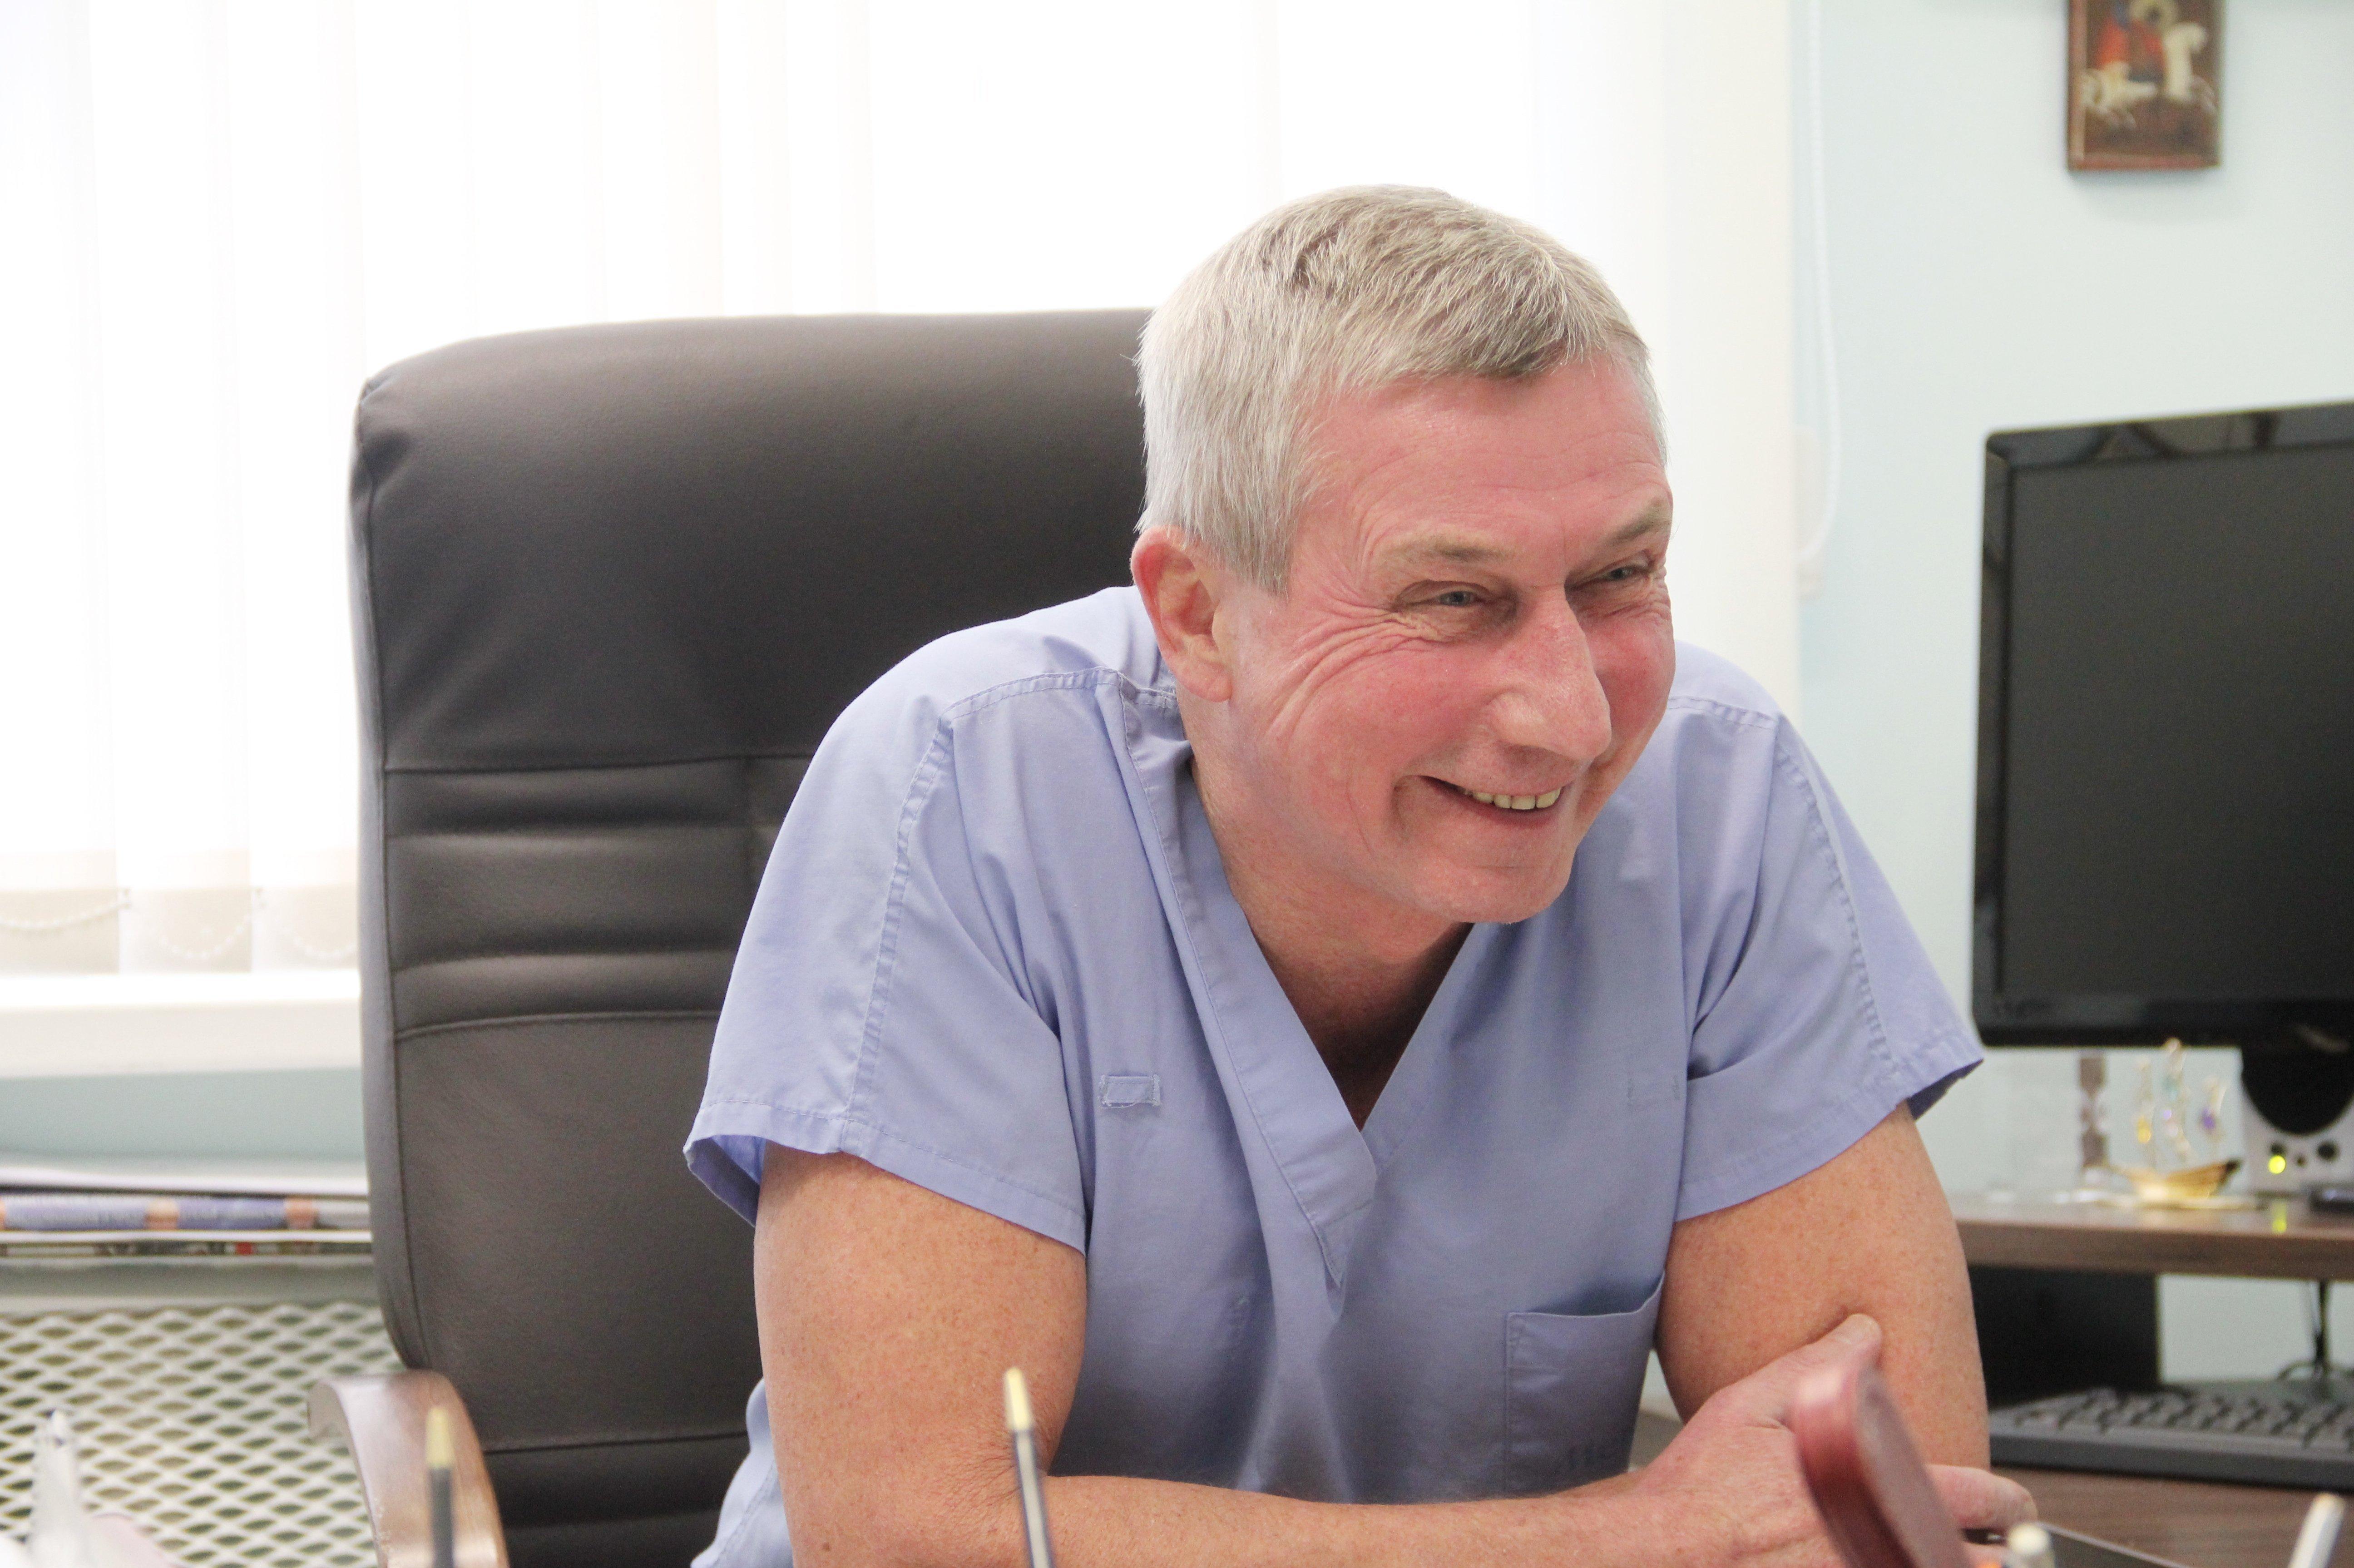 Кардиохирург Островкий признался, что самый любимый момент во всей работе - разбор полетов за чашкой чая после тяжелой и хорошо сделанной операции